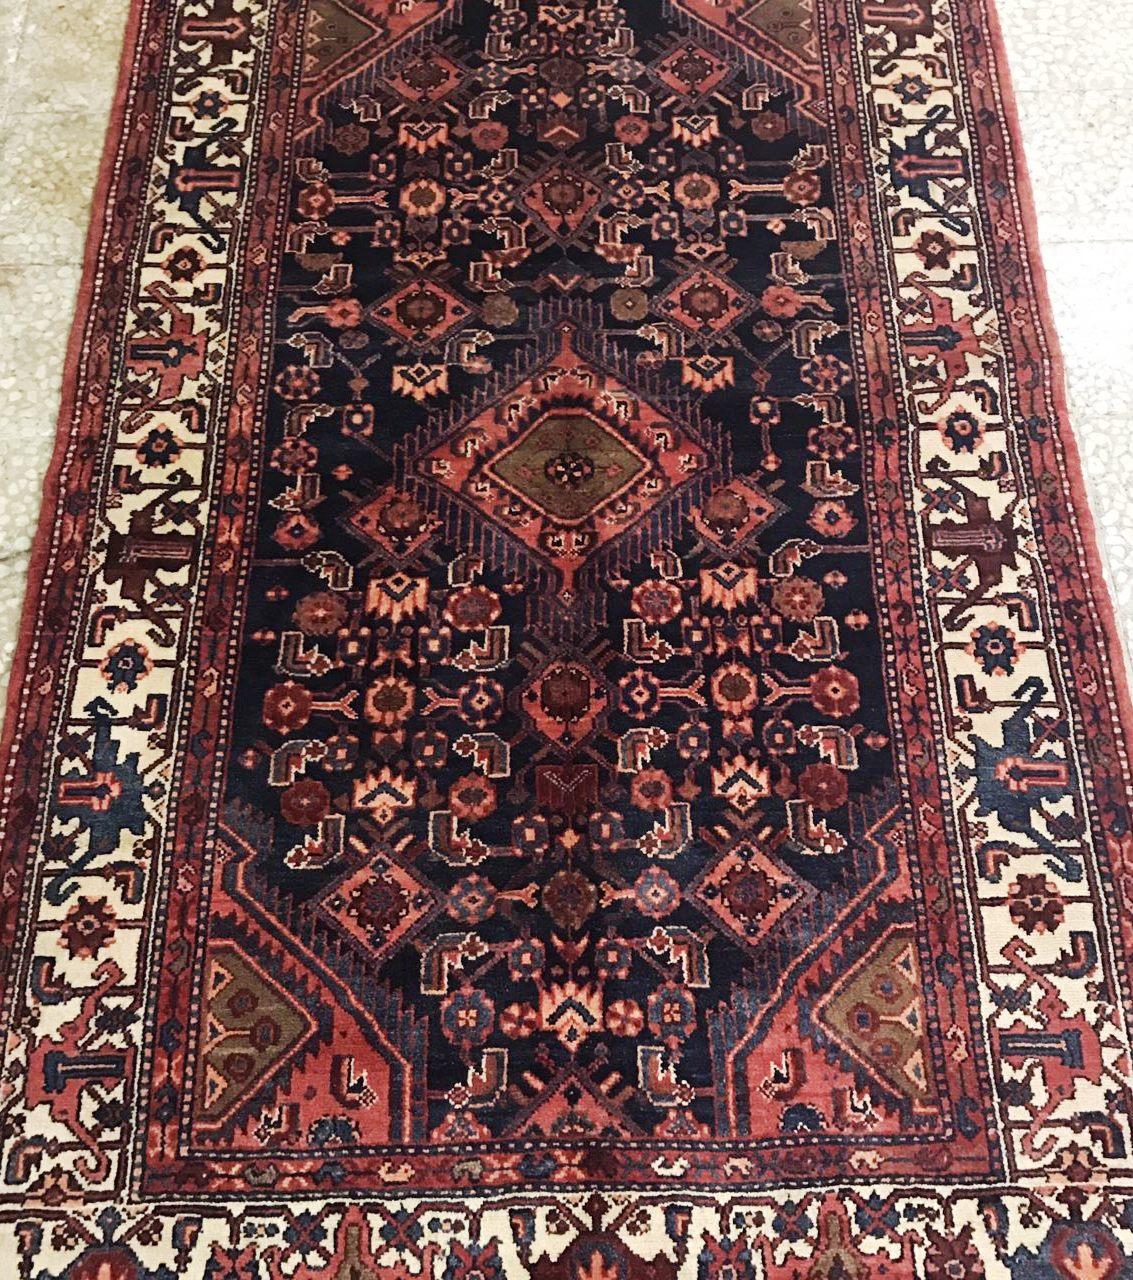 Hamedan Rugs - Persian Rugs